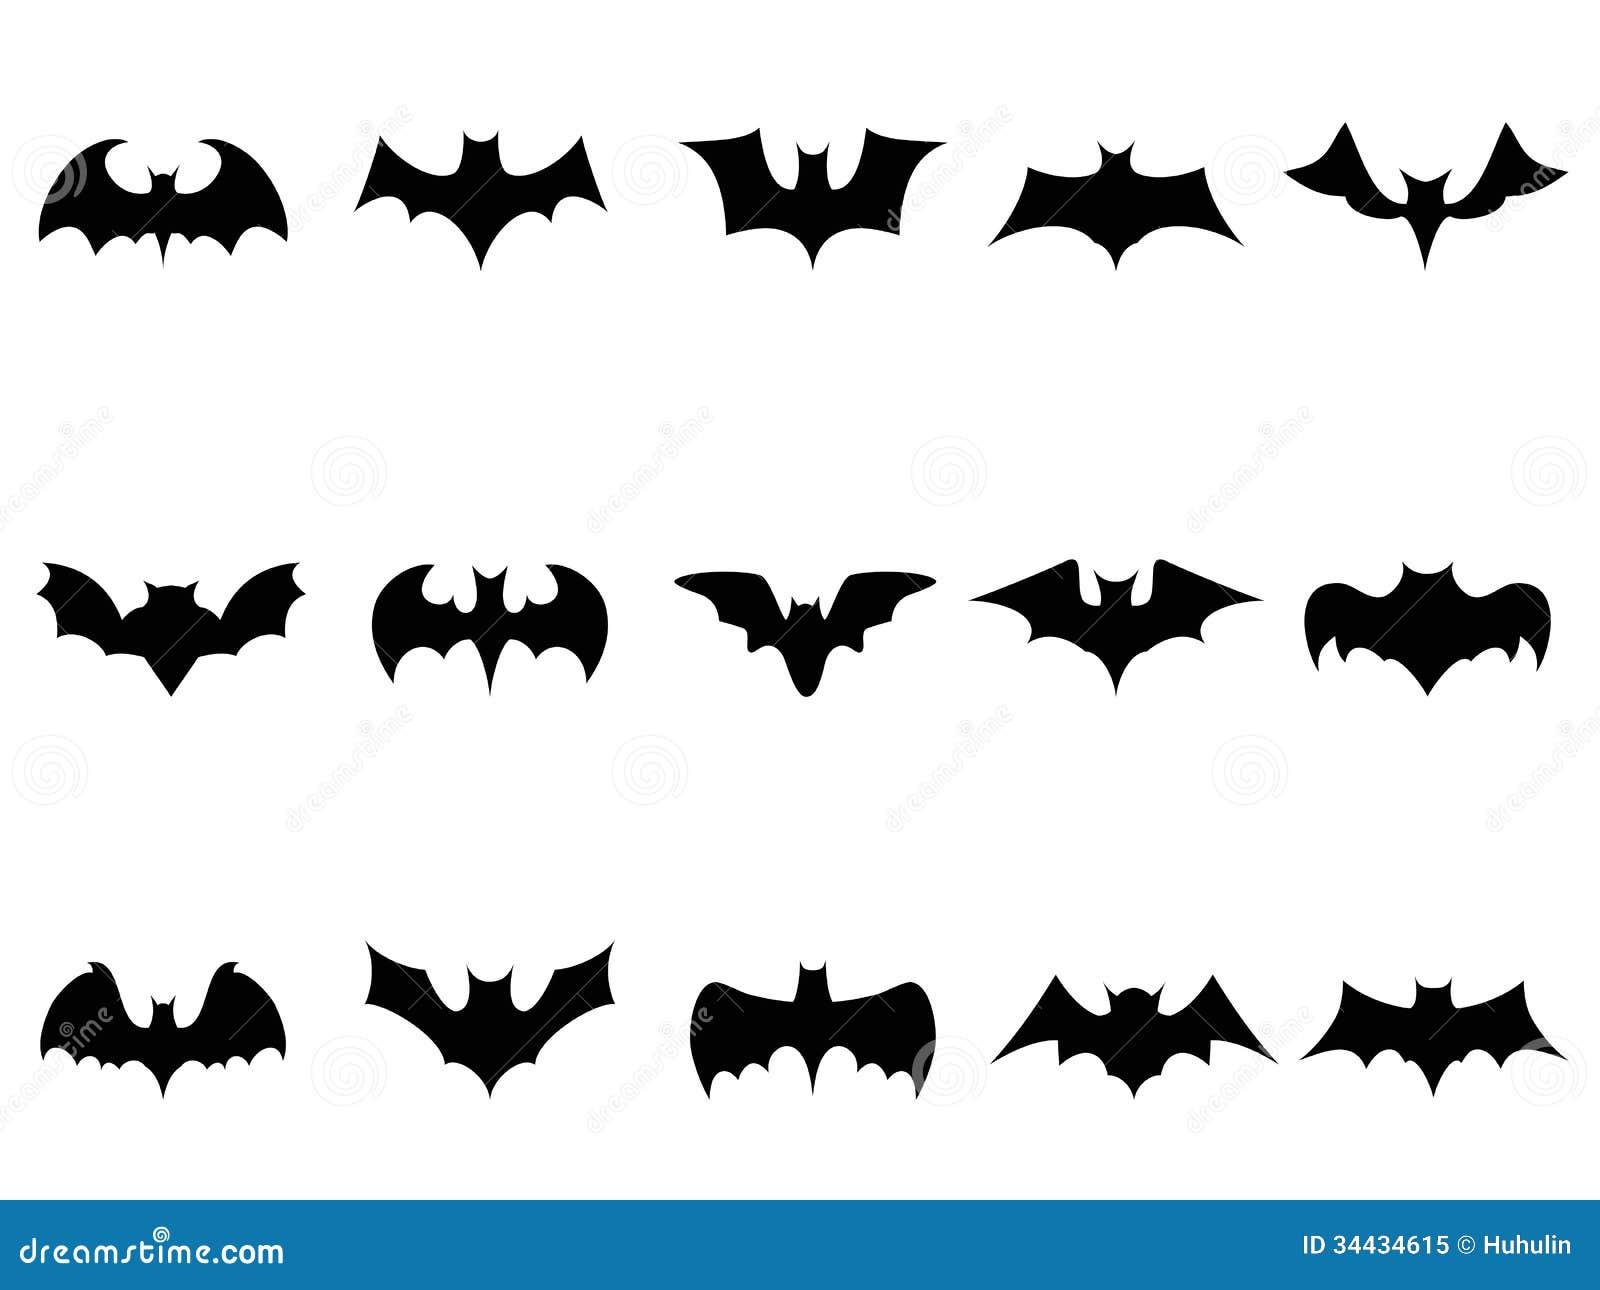 Simple Bat Outline MEMES